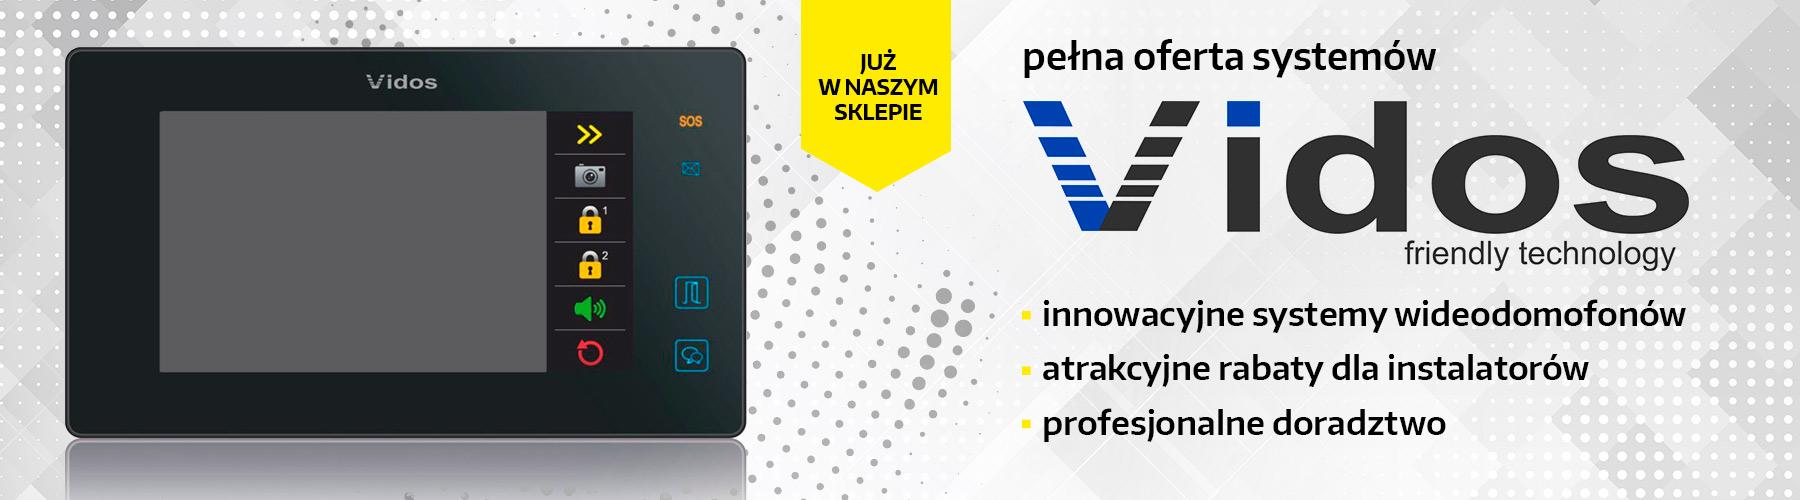 Pełna oferta wideodomofonów VIDOS